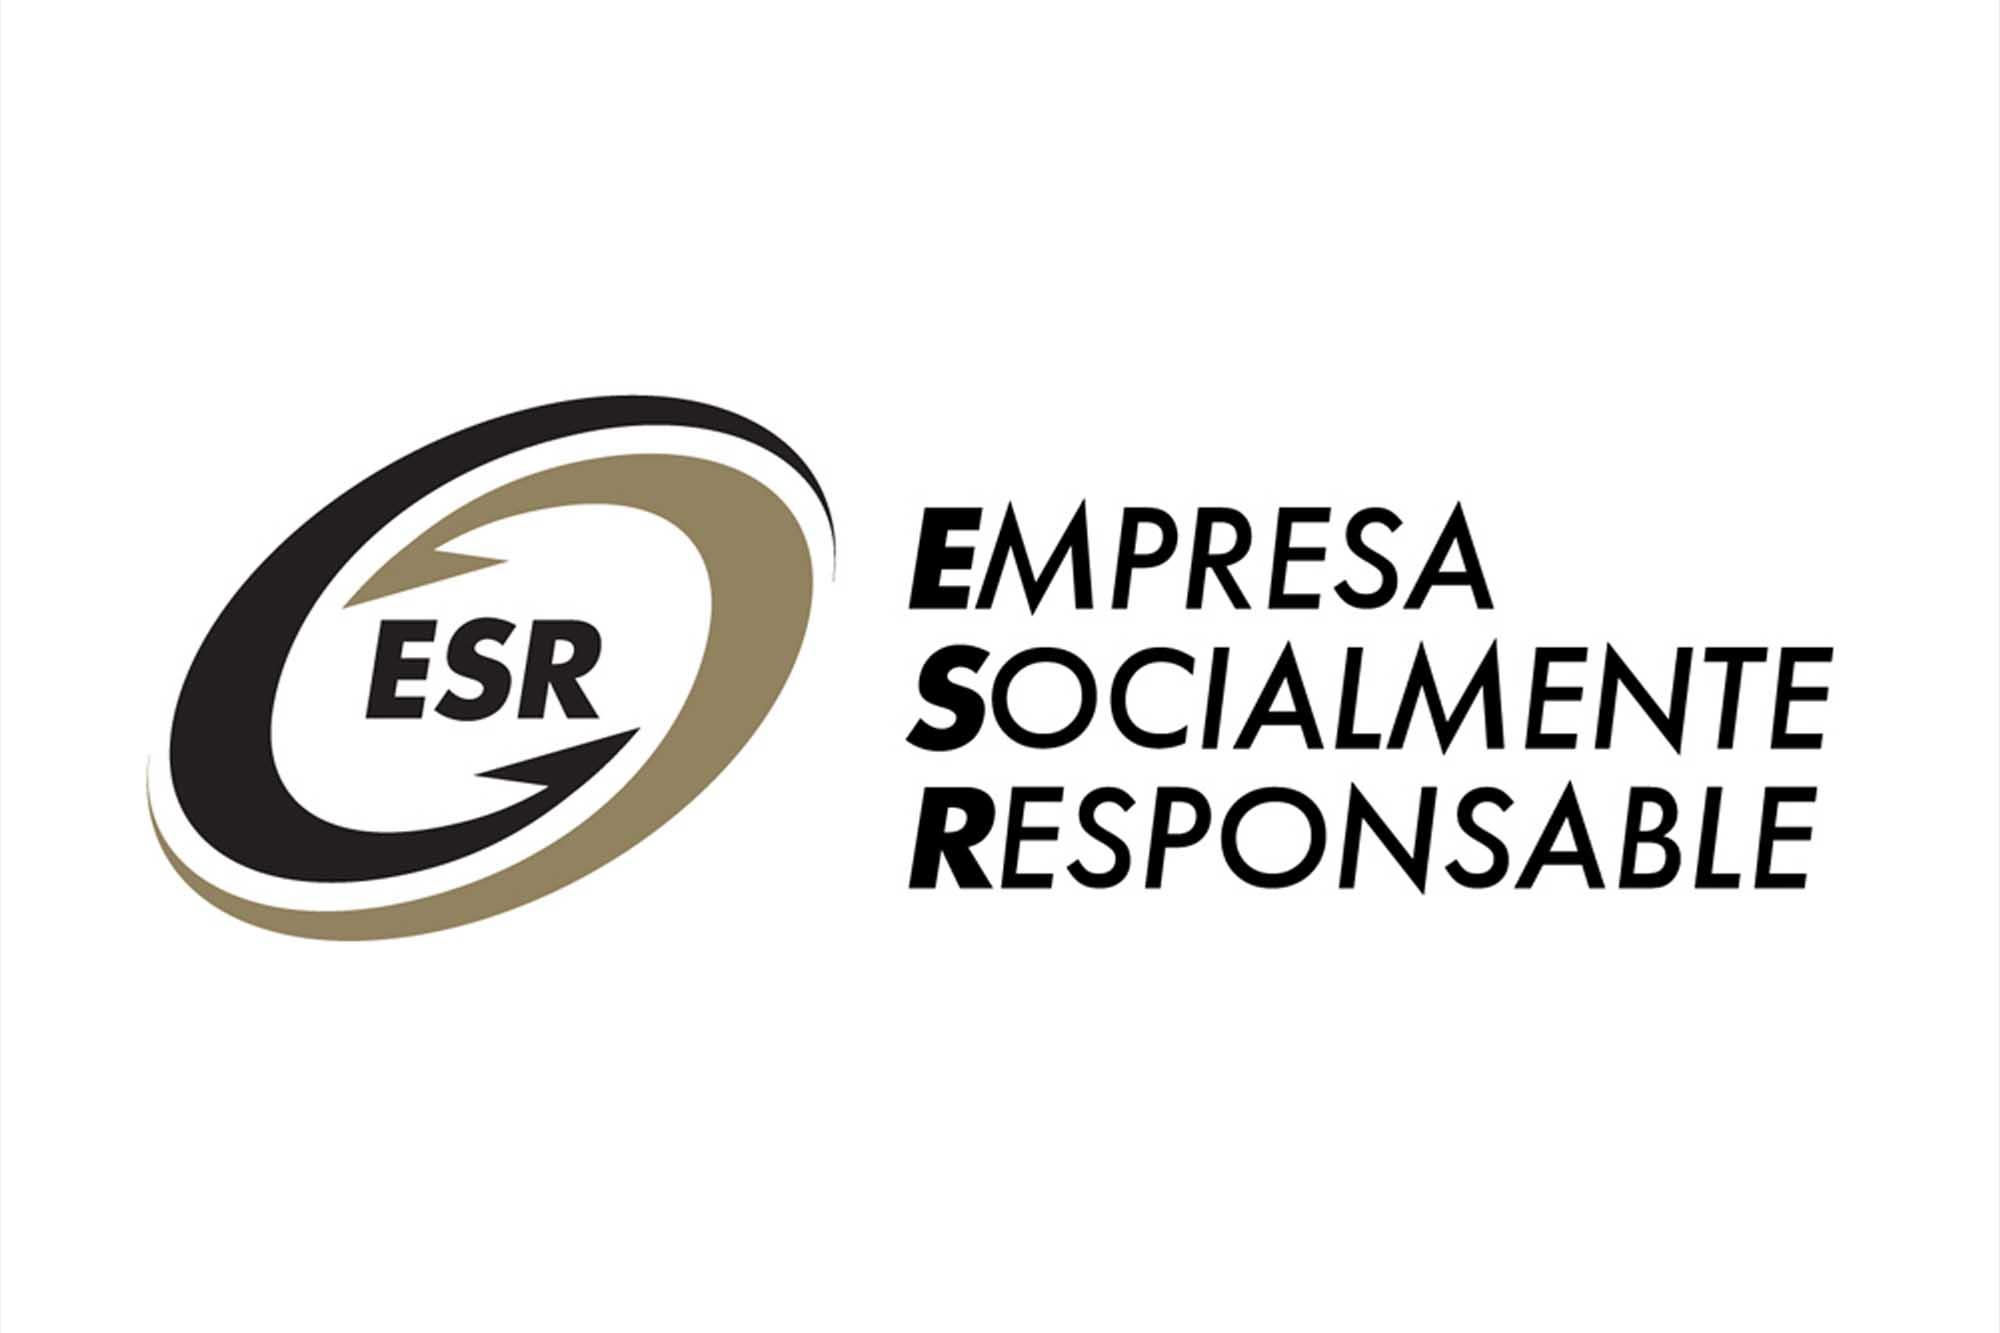 190321 La responsabilidad social es un cambio consciente